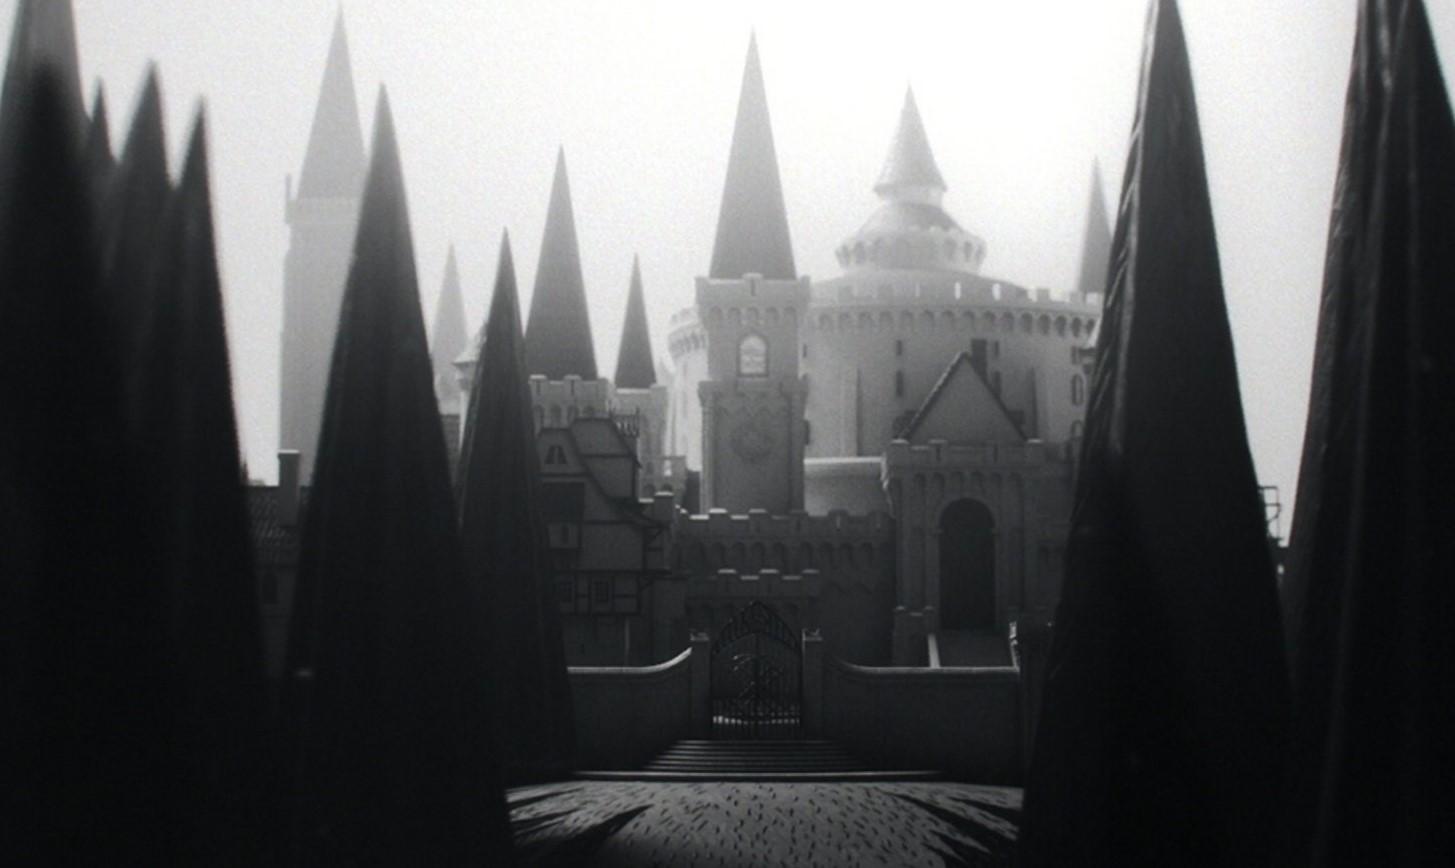 伊尔弗莫尼城堡